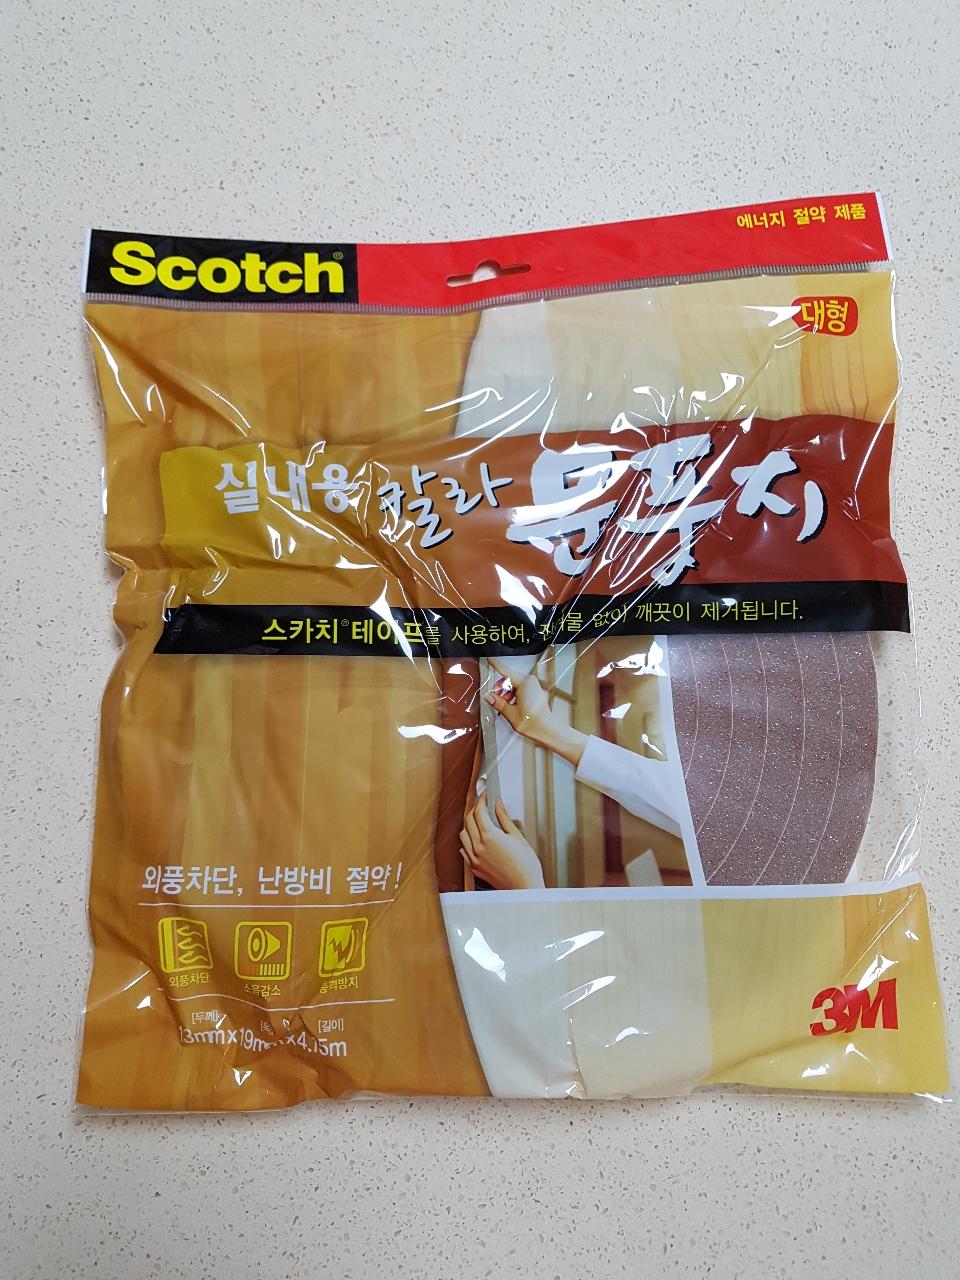 3M 문풍지 (미개봉 상품)